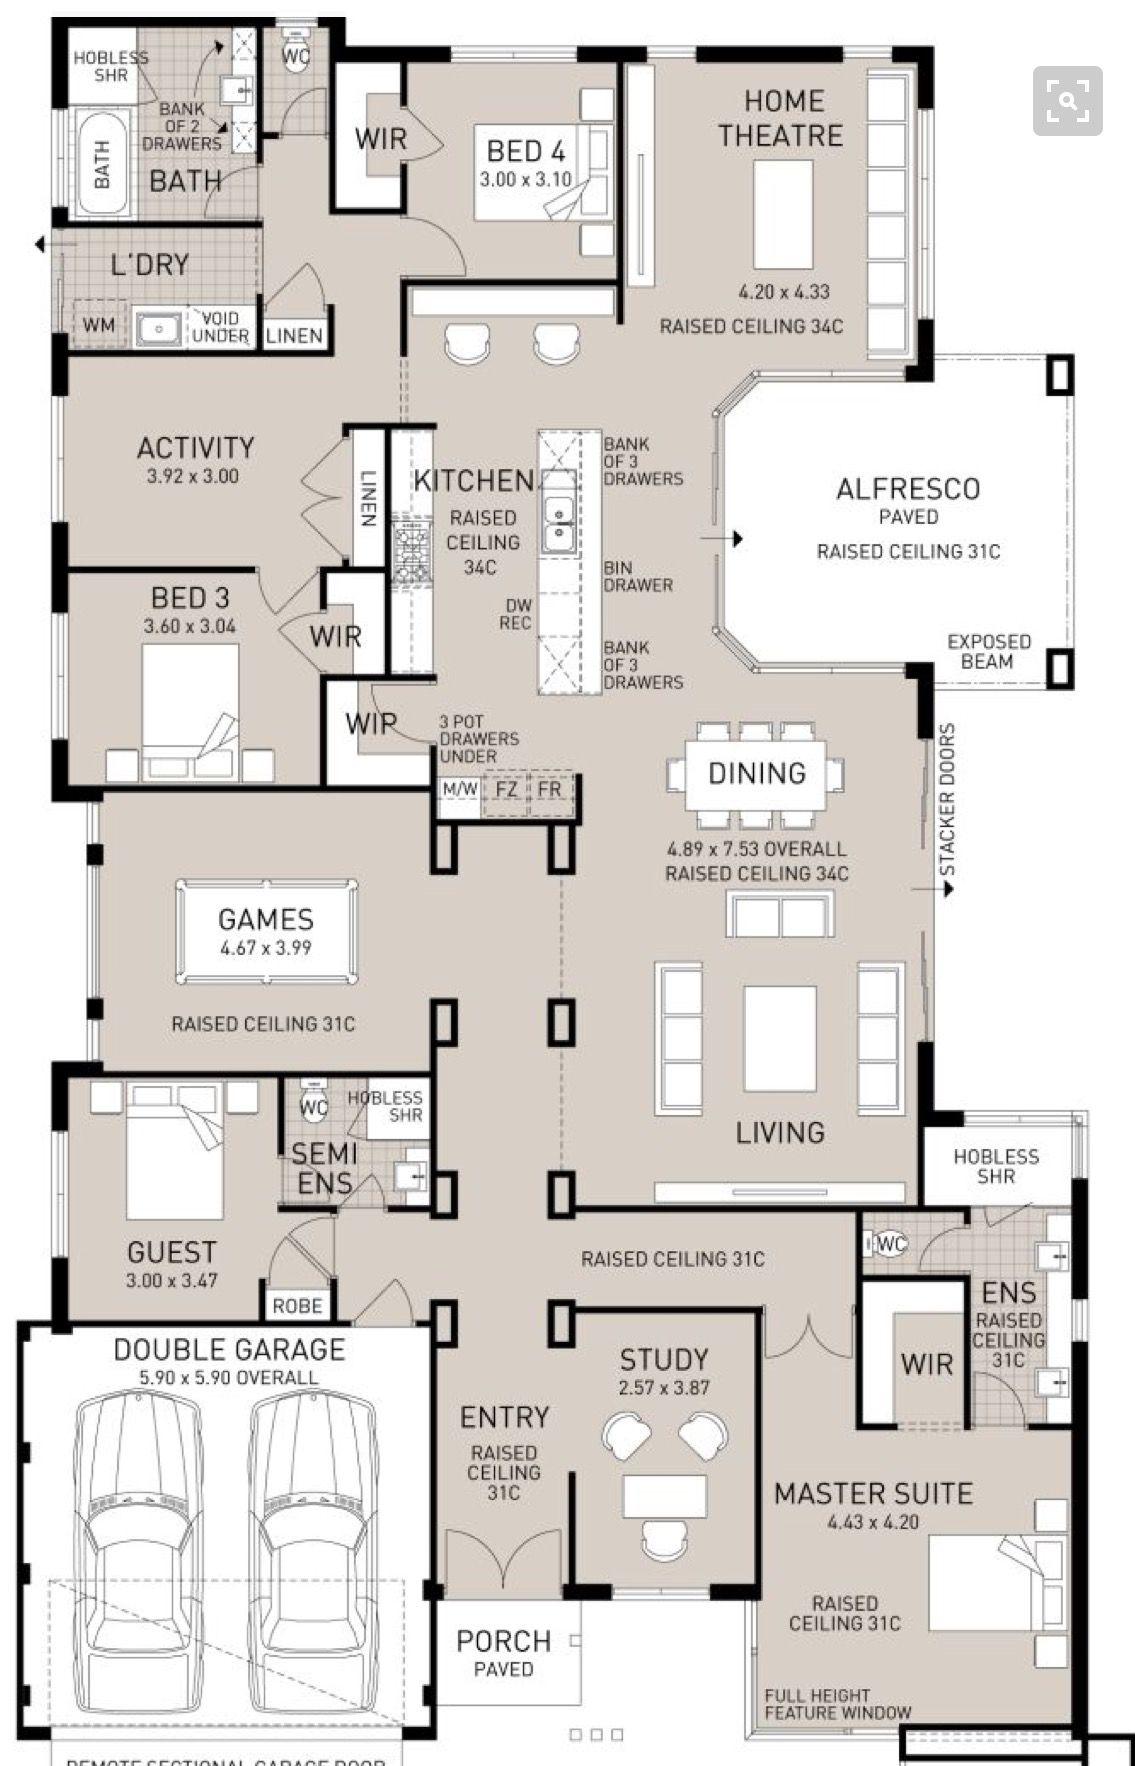 Pin By Kristin Salomon On My Favourite Floor Plans Floor Plans House Plans Dream House Plans